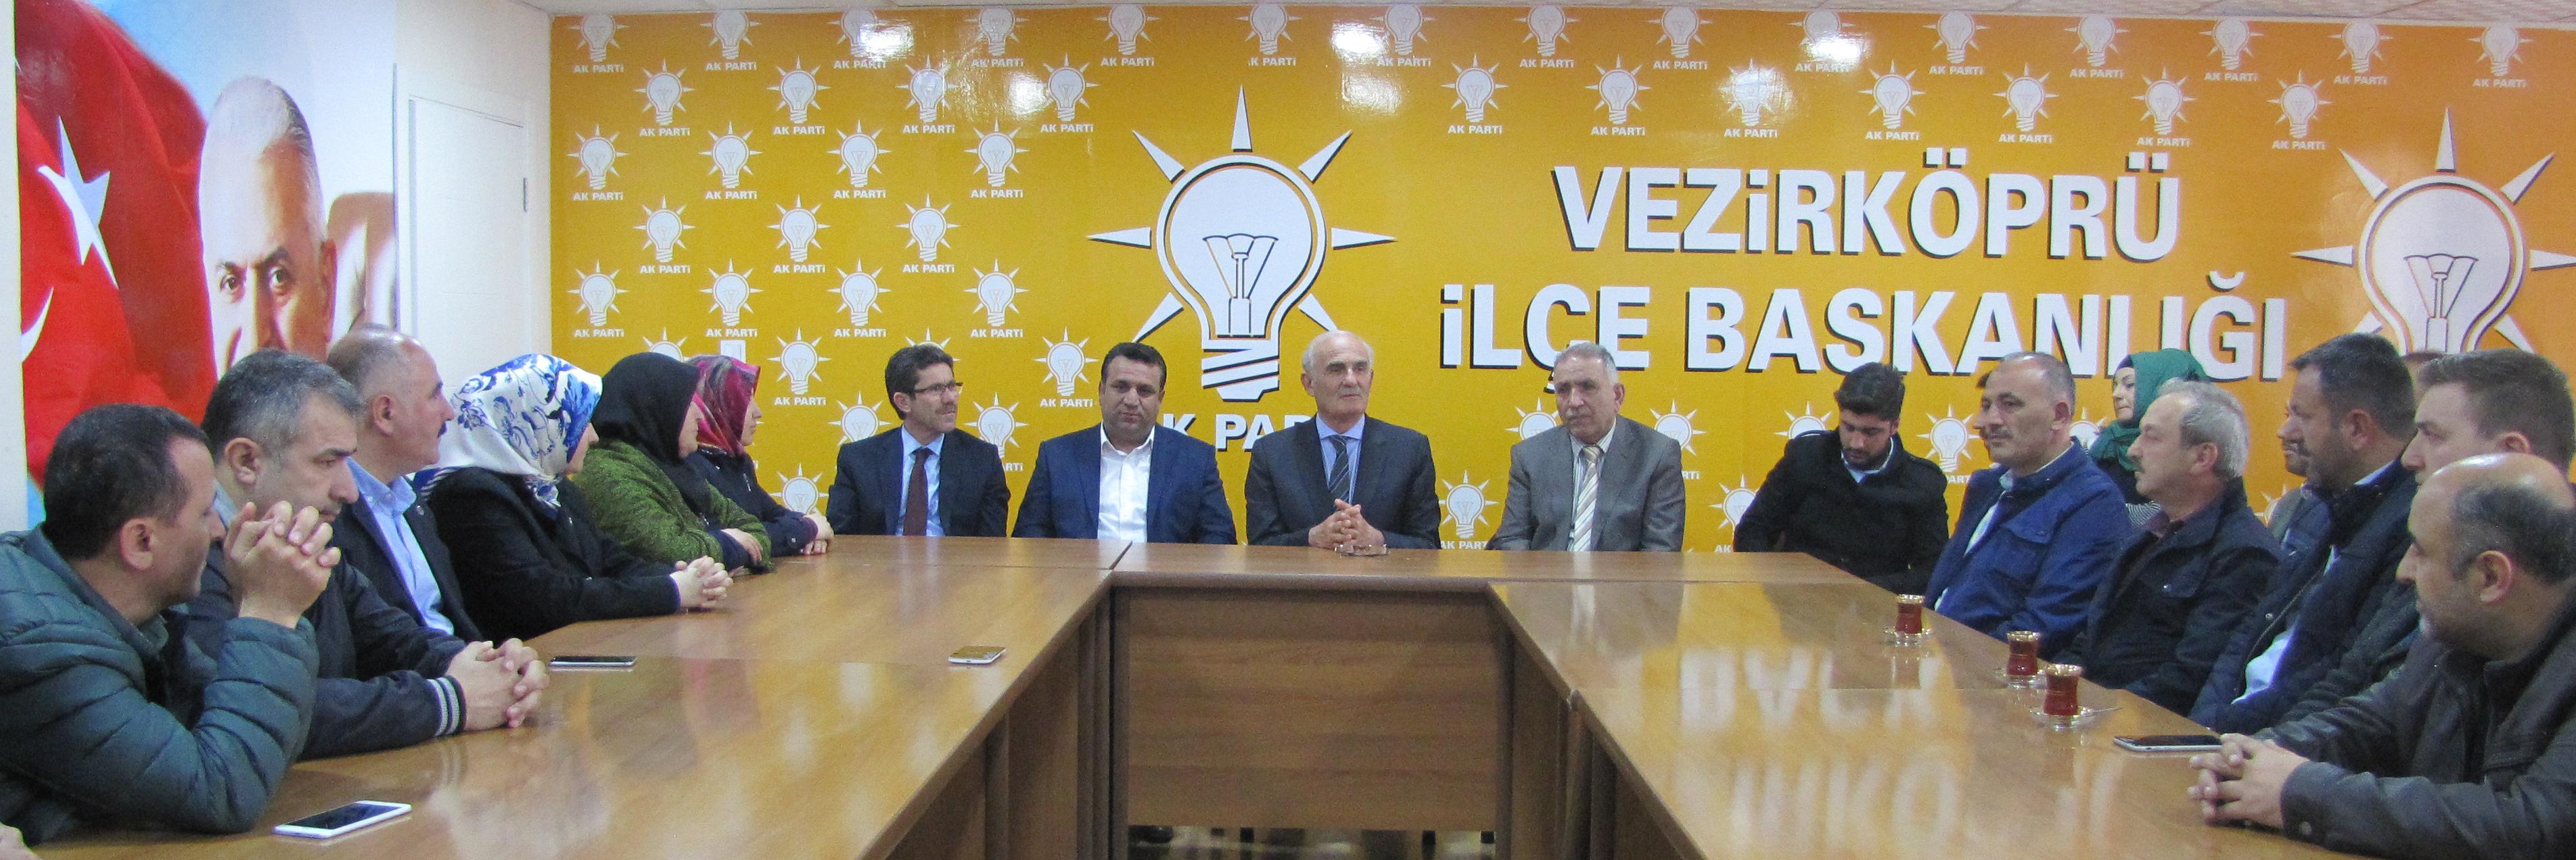 Samsun Büyükşehir Belediye Başkanı Yusuf Ziya Yılmaz; 2014 yılından beri Vezirköprü'nün hizmet alma kapasitesini çok yükselttik